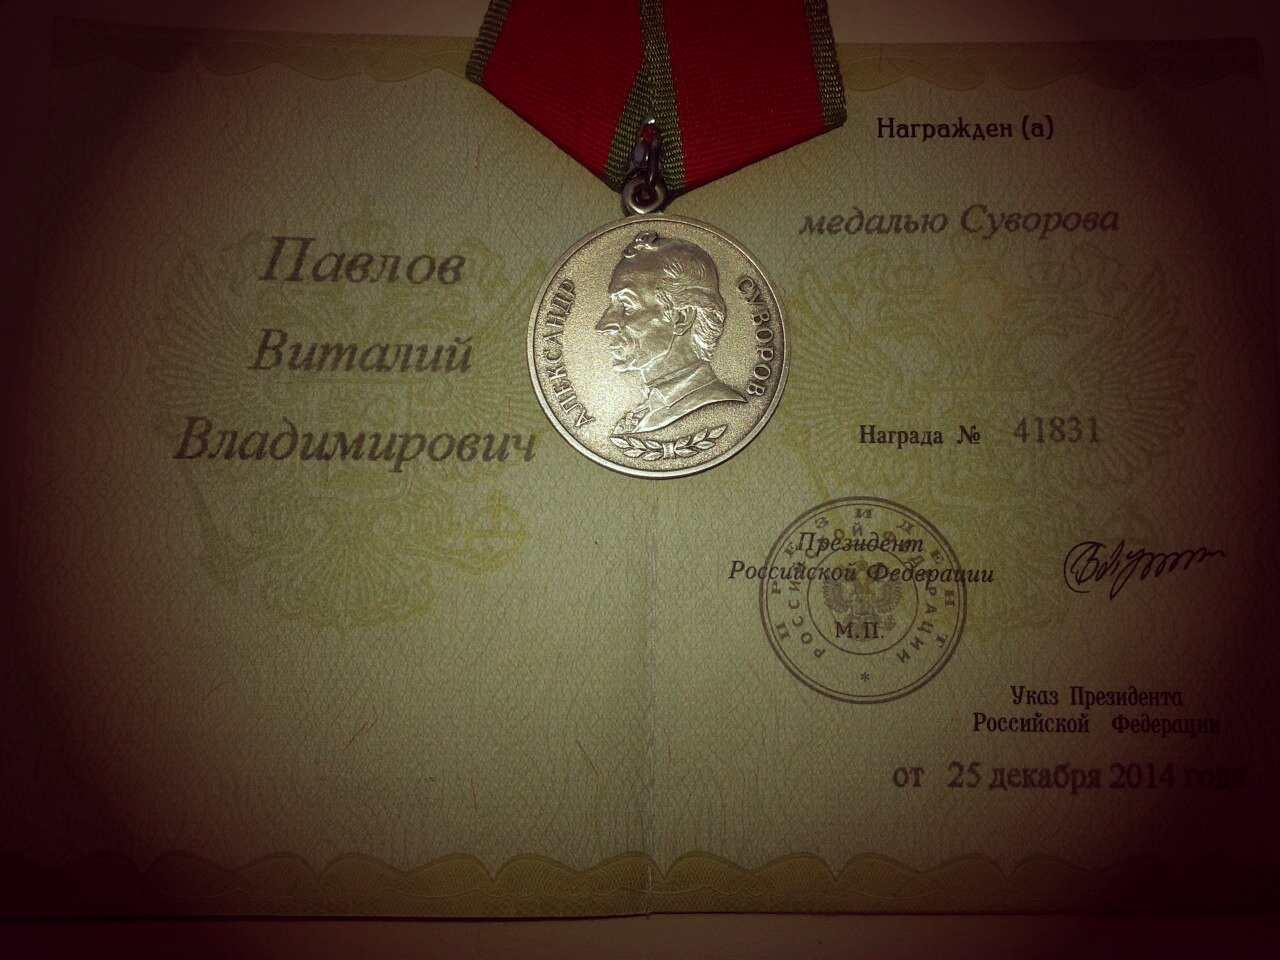 Російські солдати отримують медалі за війну на Донбасі (фото)